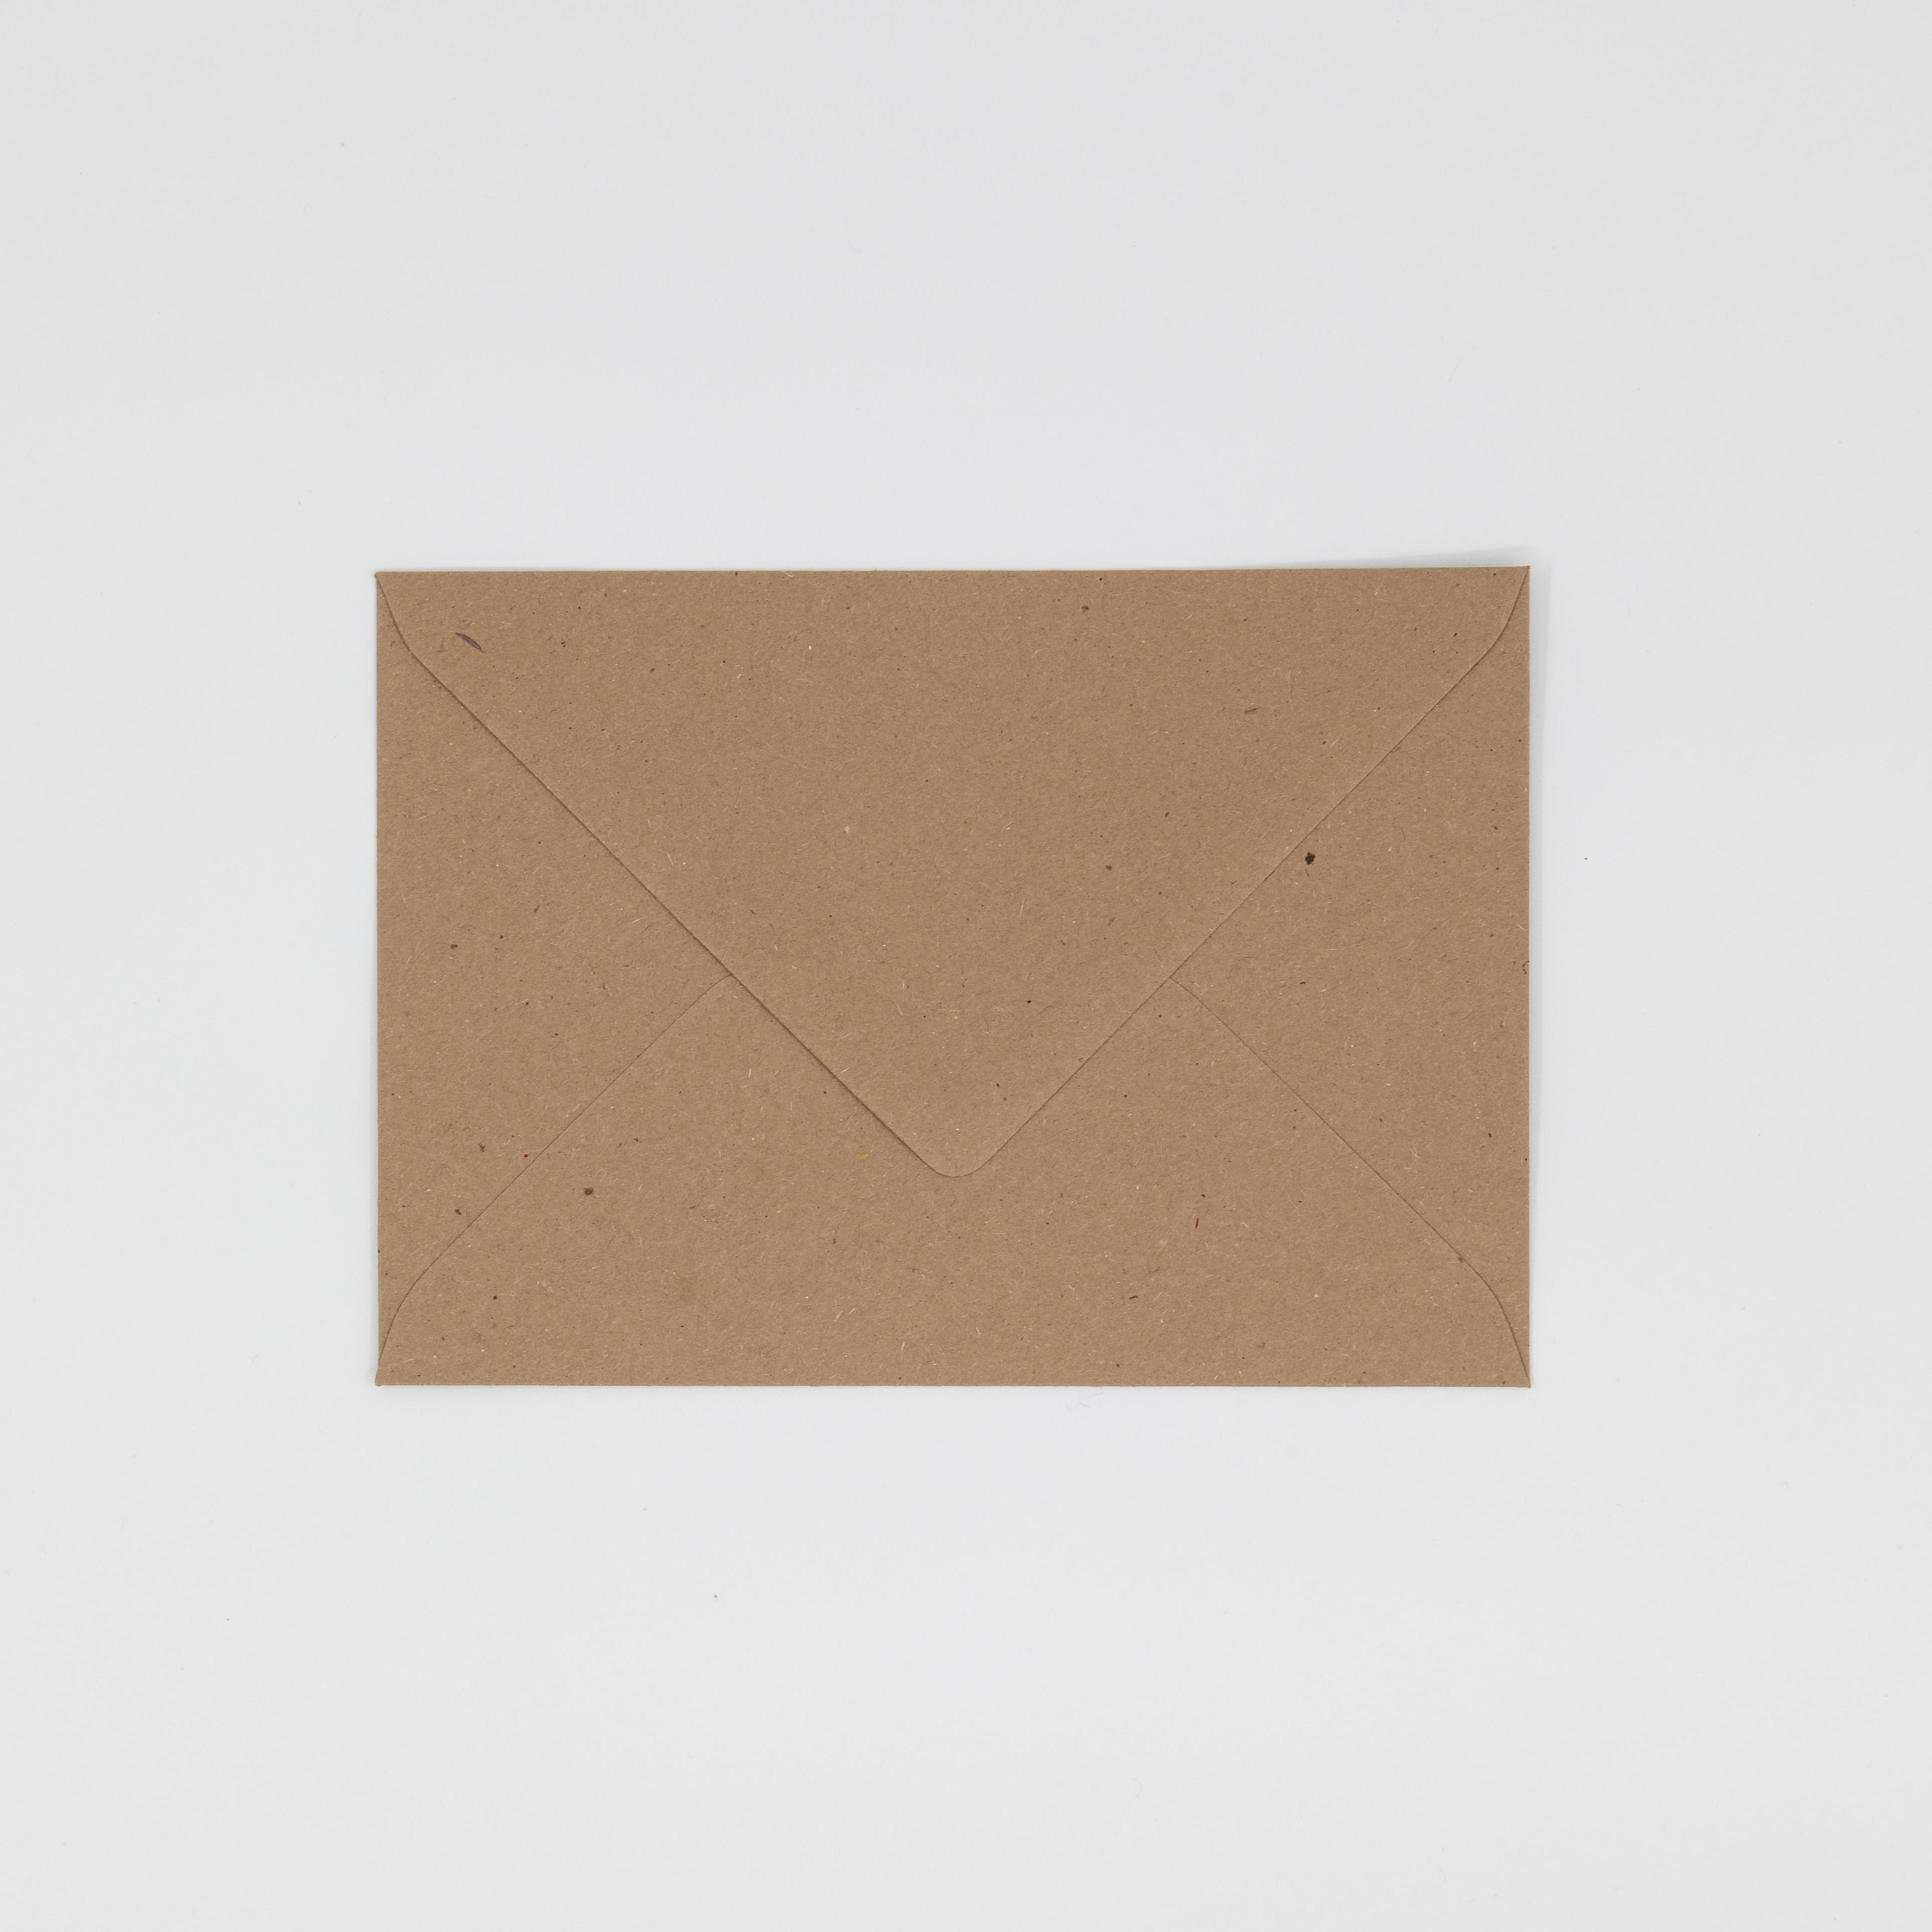 Rechteckiges Postkarten-Kuvert aus Muskatpapier.